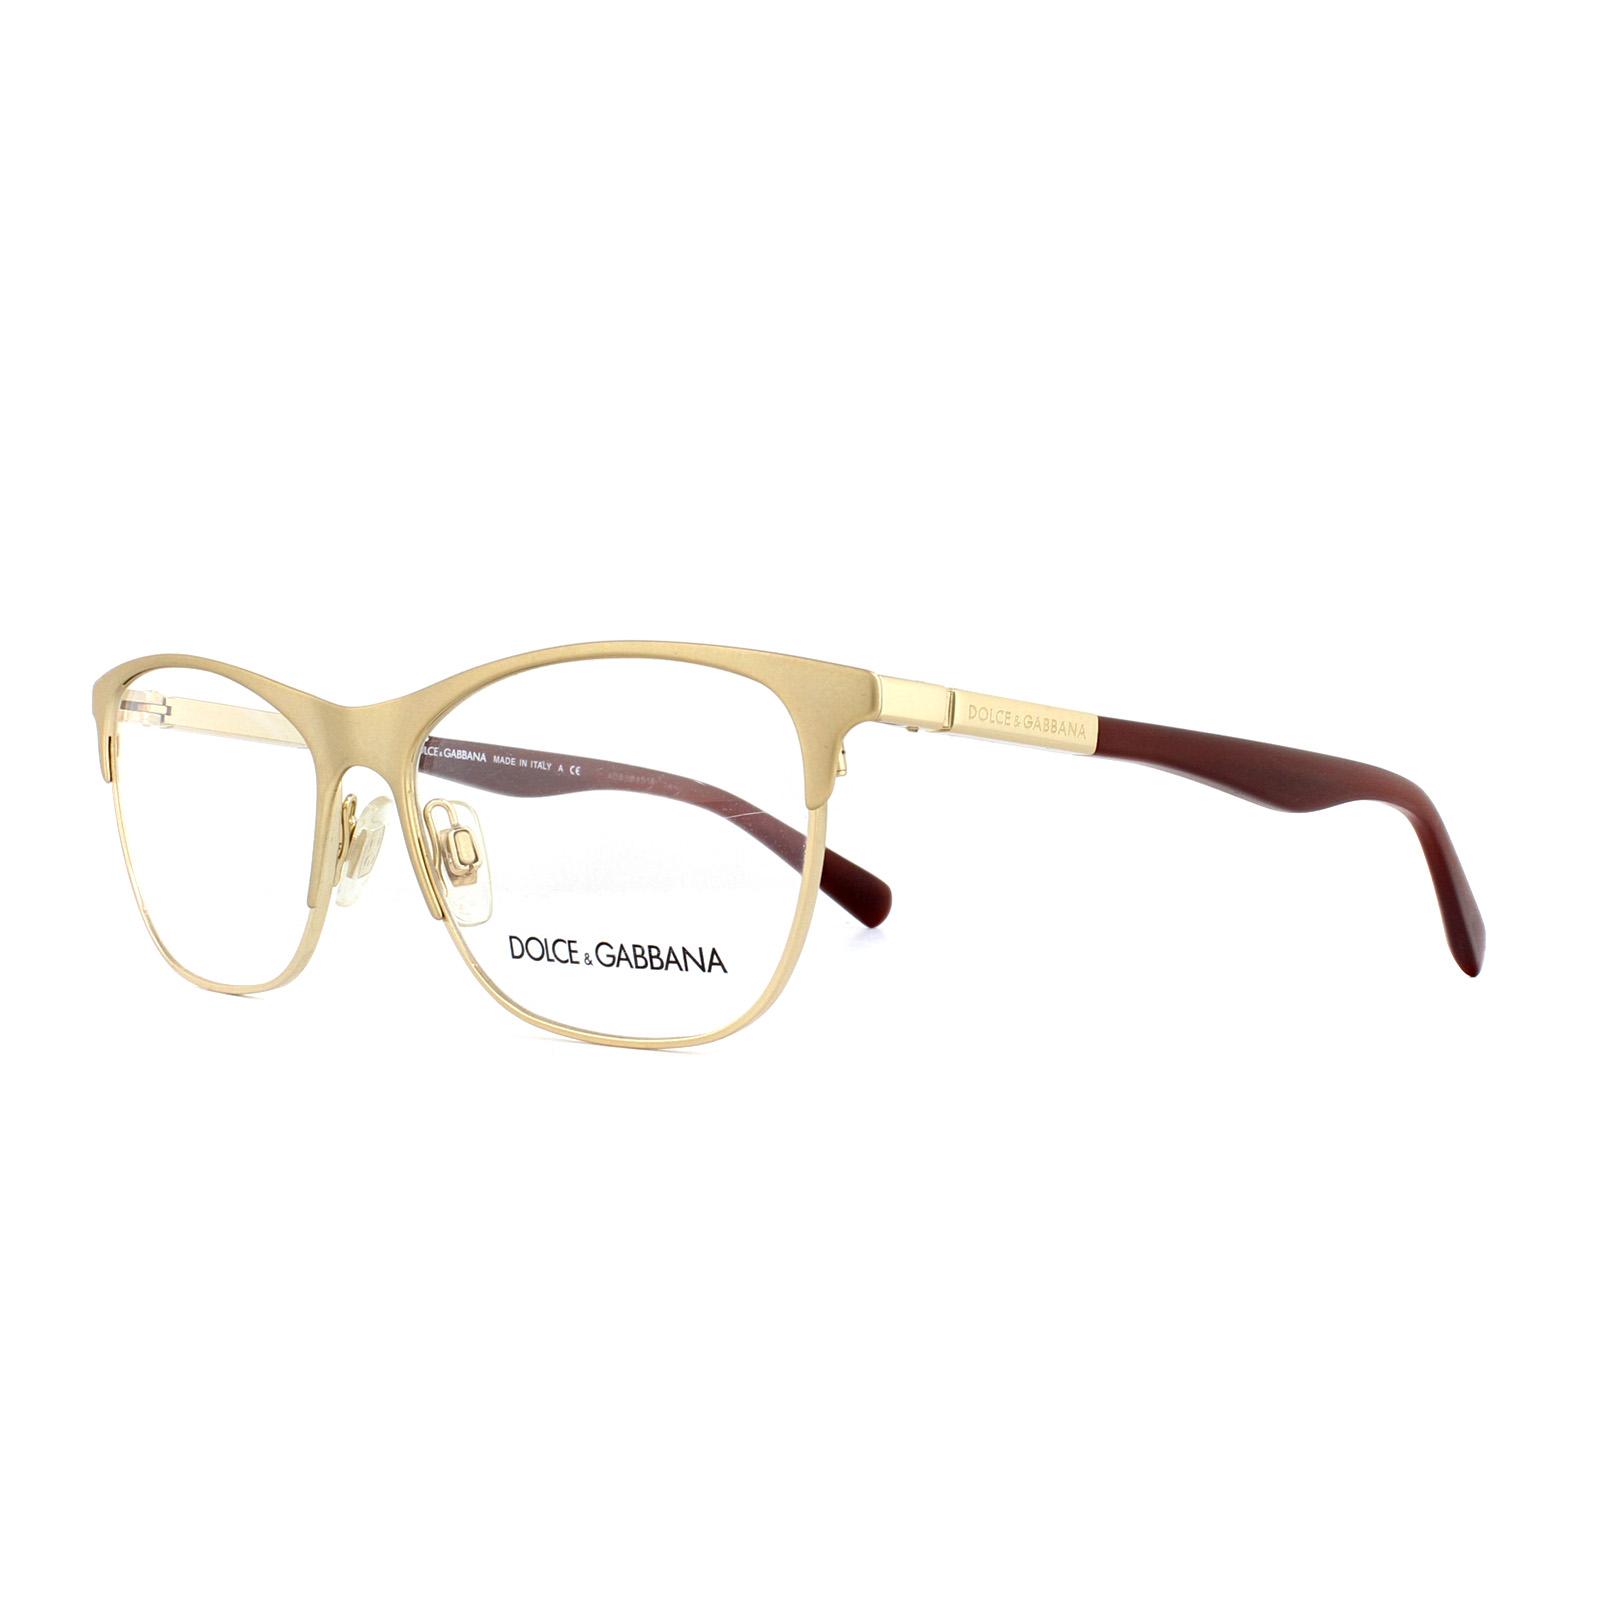 f7a8282cba8 Sentinel Dolce   Gabbana Glasses Frames DG 1246 1224 Matt Gold 53mm Womens